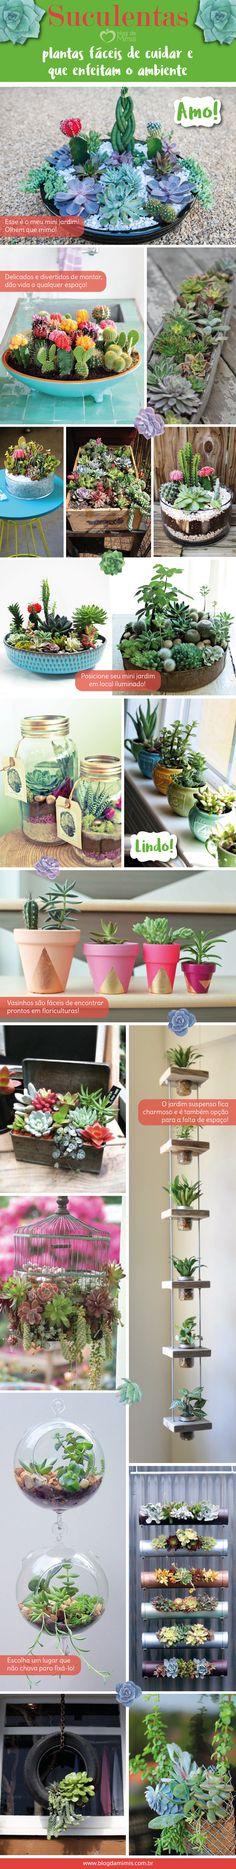 As suculentas são plantas lindas e perfeitas para decorar qualquer ambiente! São ideais para quem tem uma vida corrida, que quer manter uma plantinha em casa ou no escritório e não tem muito tempo …